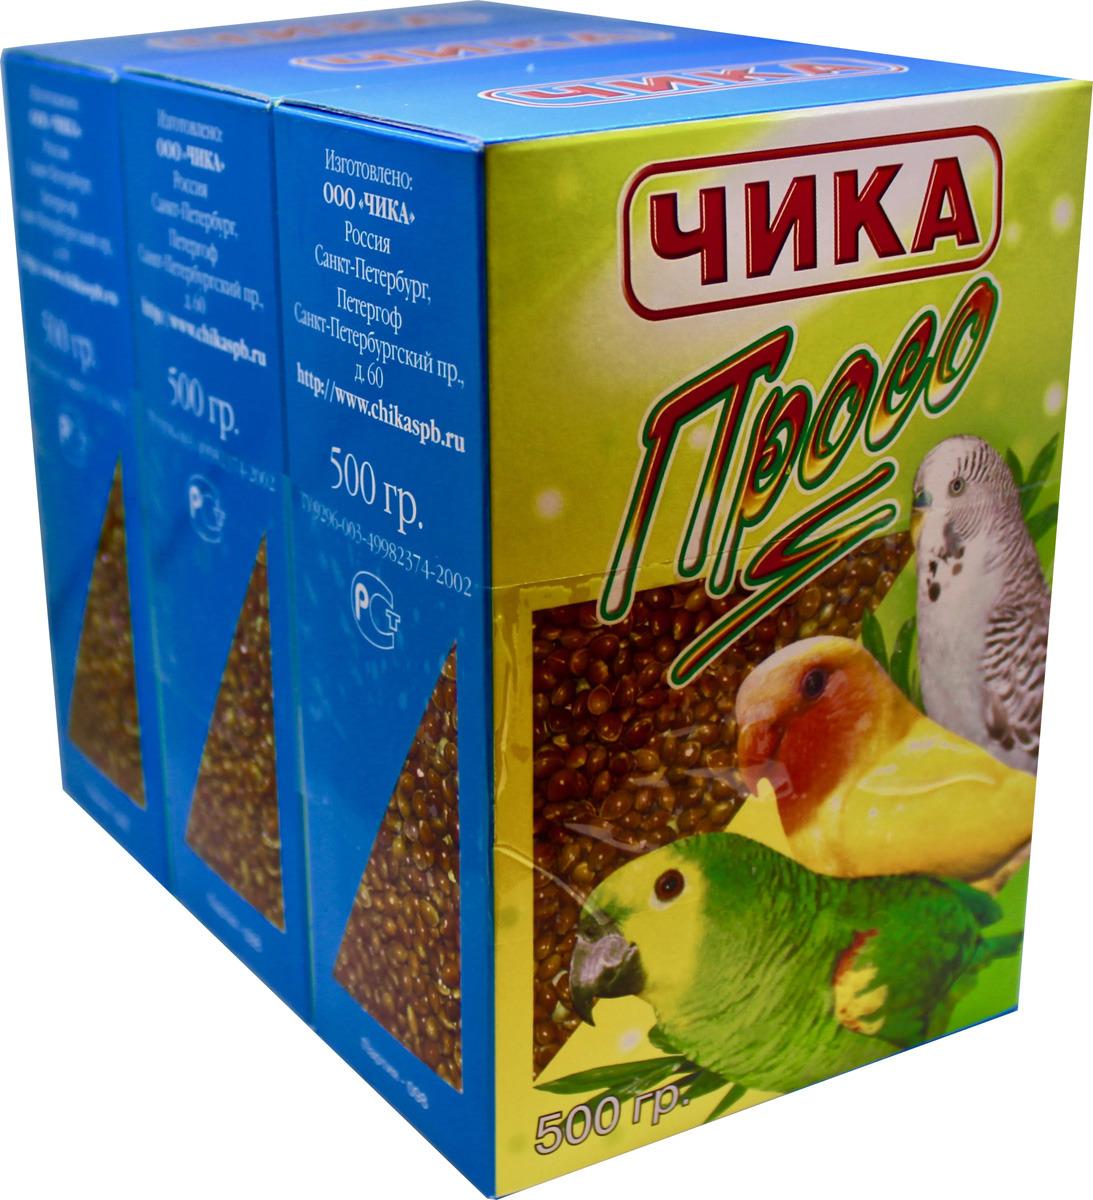 Корм сухой Чика Просо для волнистых попугаев, 3 шт по 0.5 кг корм сухой cliffi superior mix pappagallini with biscuit бисквит для волнистых попугаев 5000 г